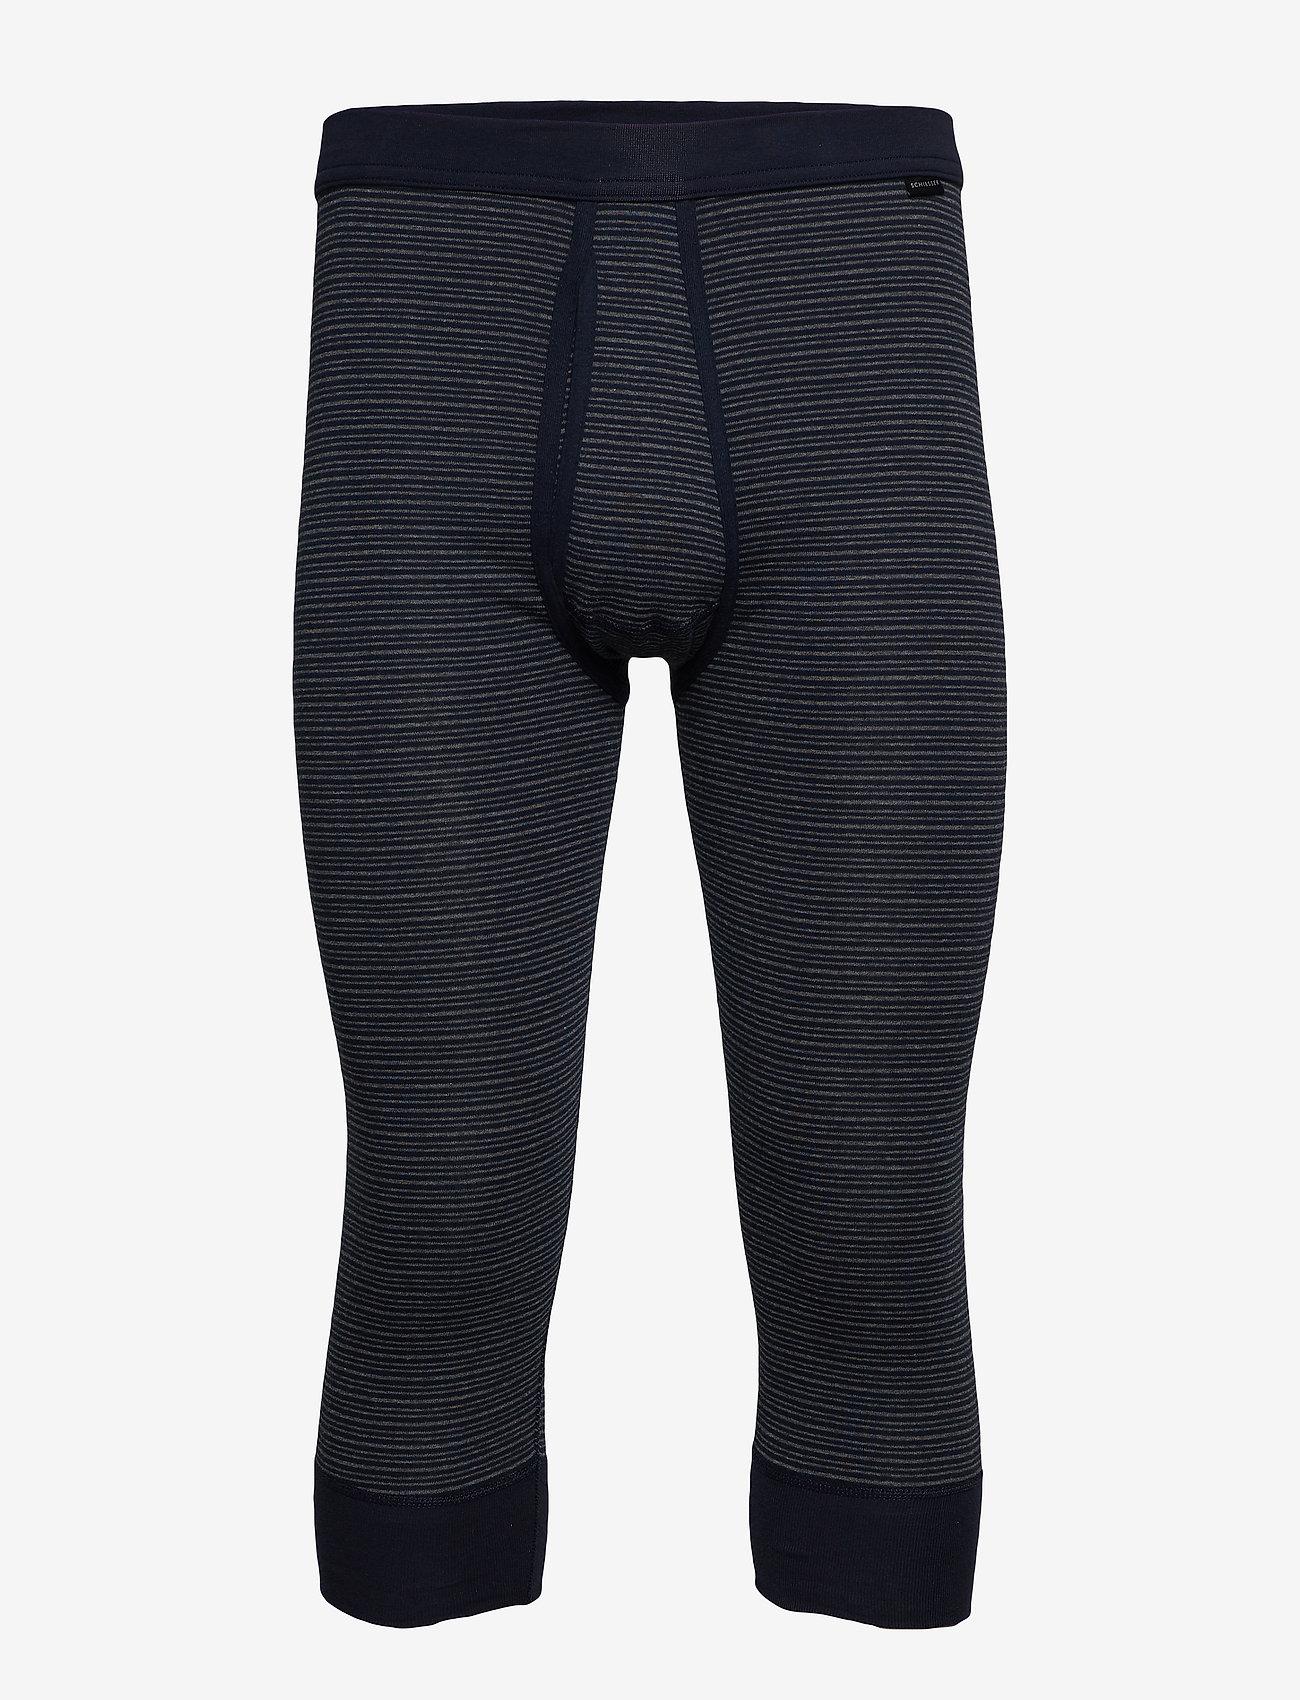 Schiesser - Pants 3/4 - base layer bottoms - dark blue - 0